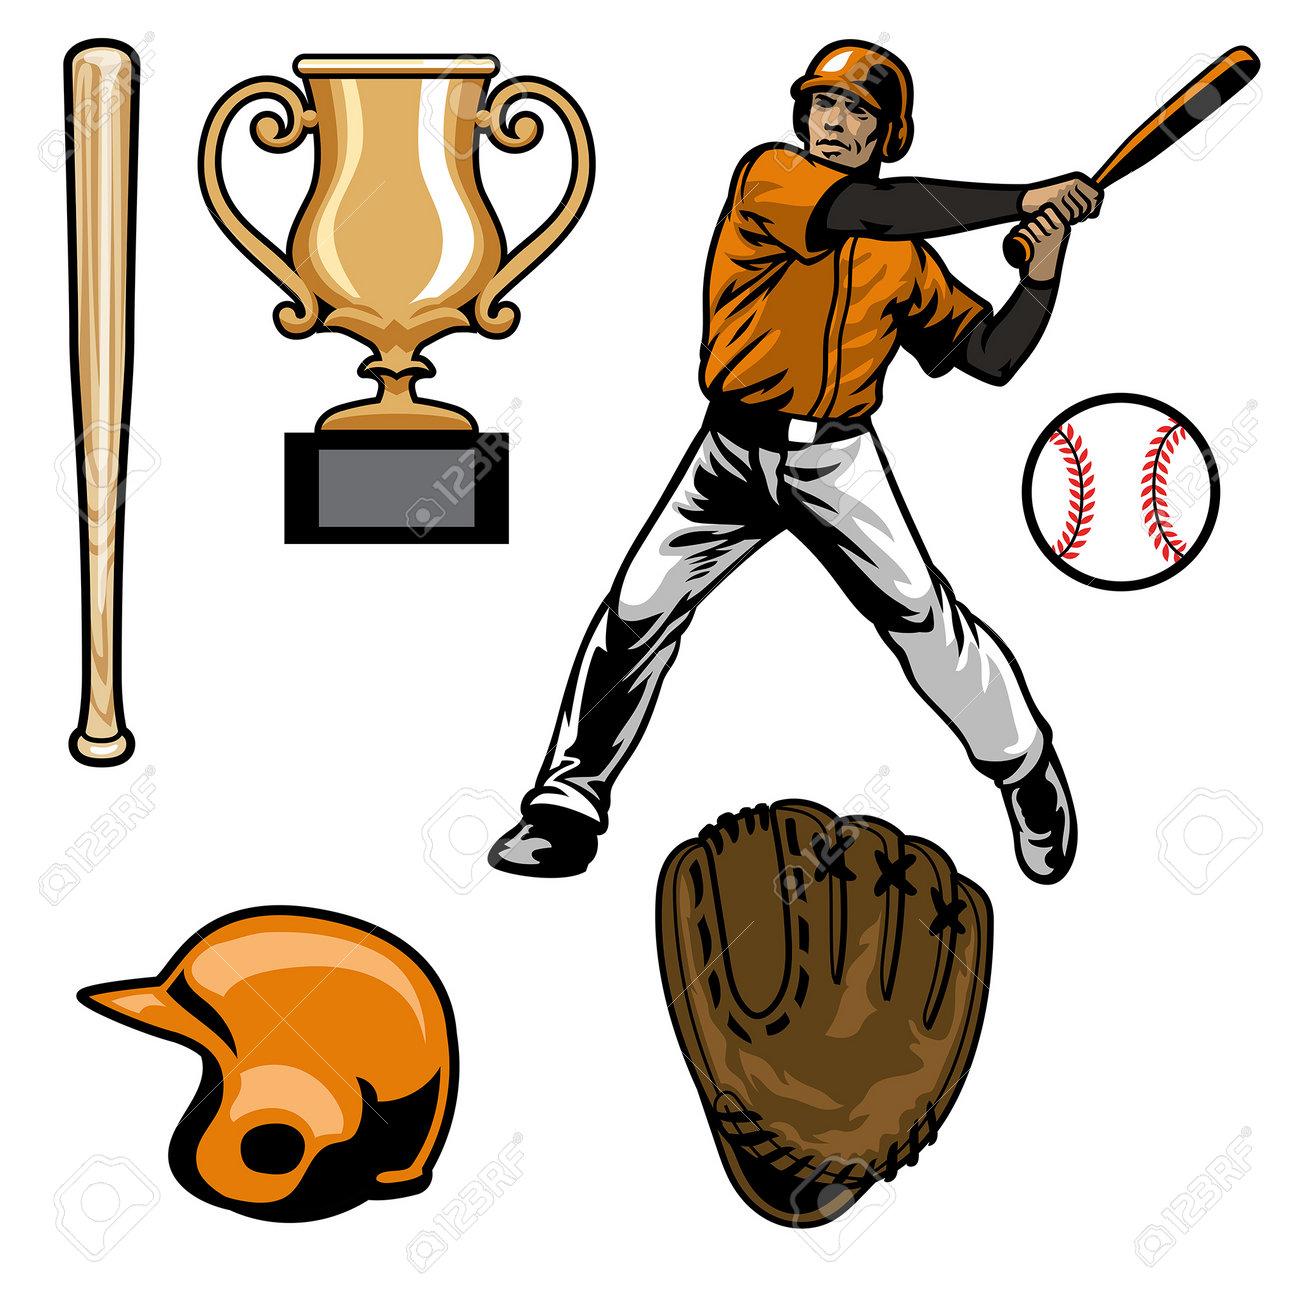 set of baseball equipment - 161958410